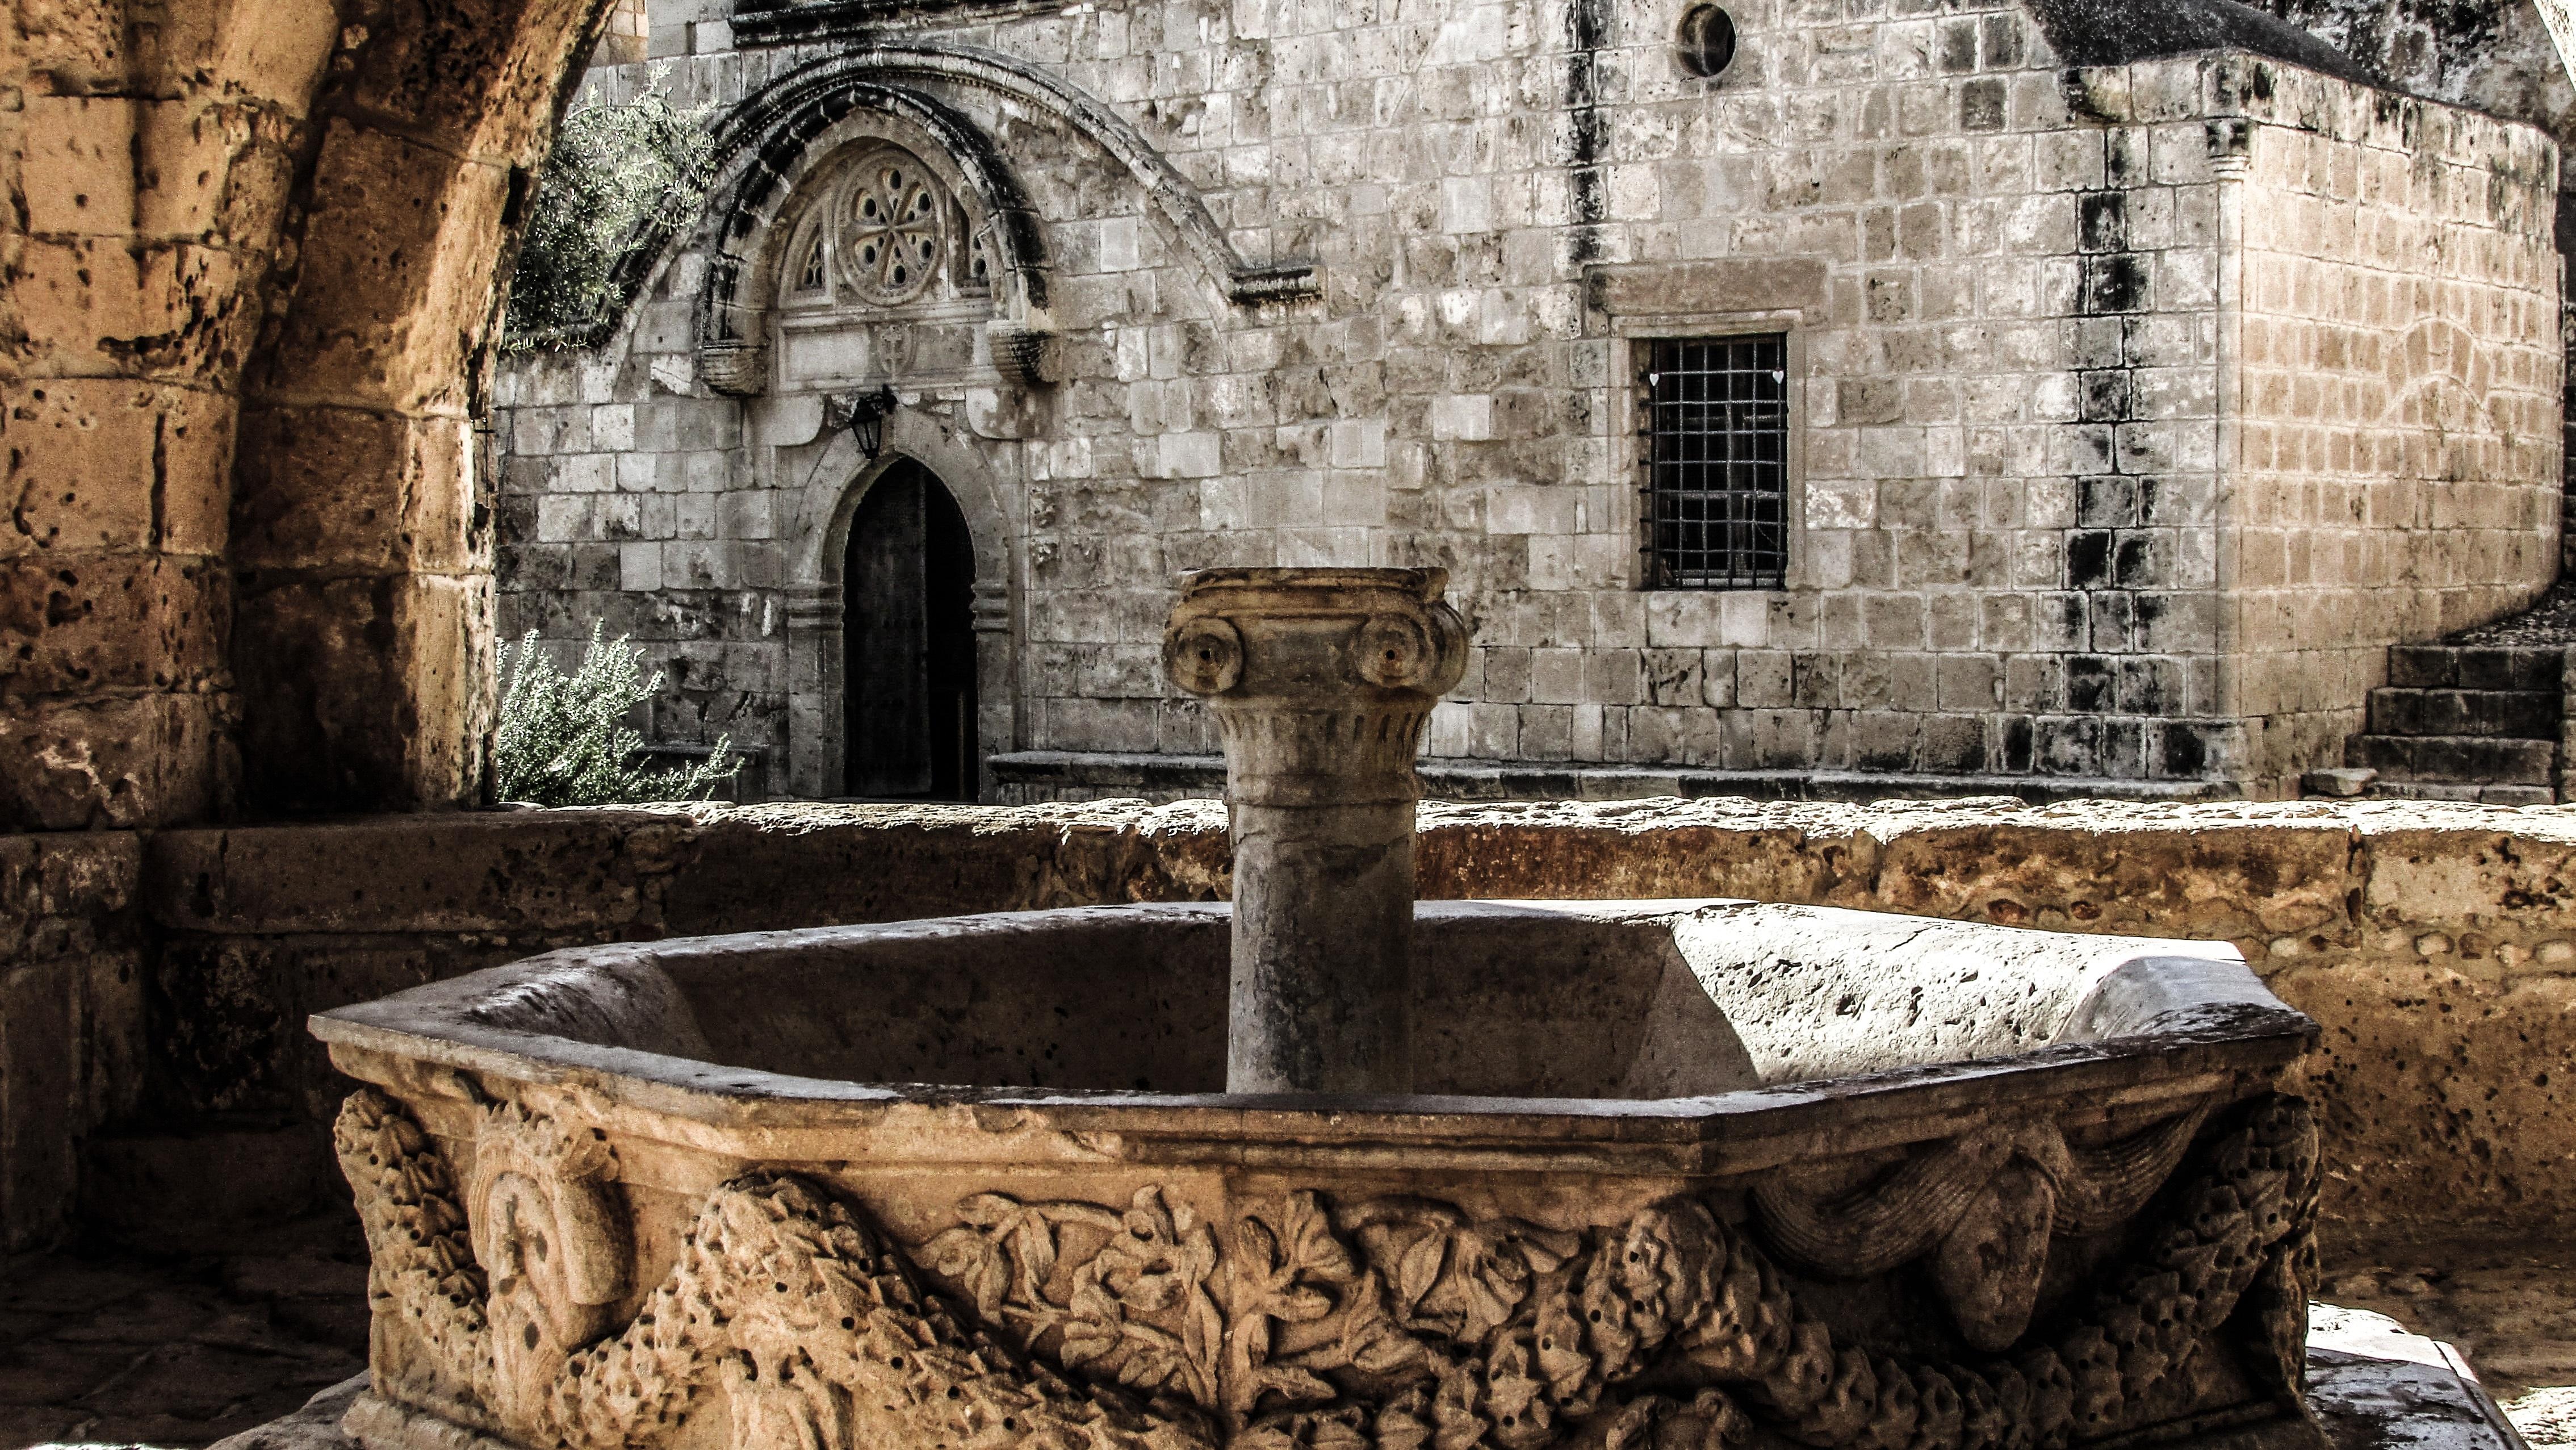 Fotos gratis arquitectura medieval monasterio edades medias fuente de agua chipre ayia - Fuentes de piedra antiguas ...